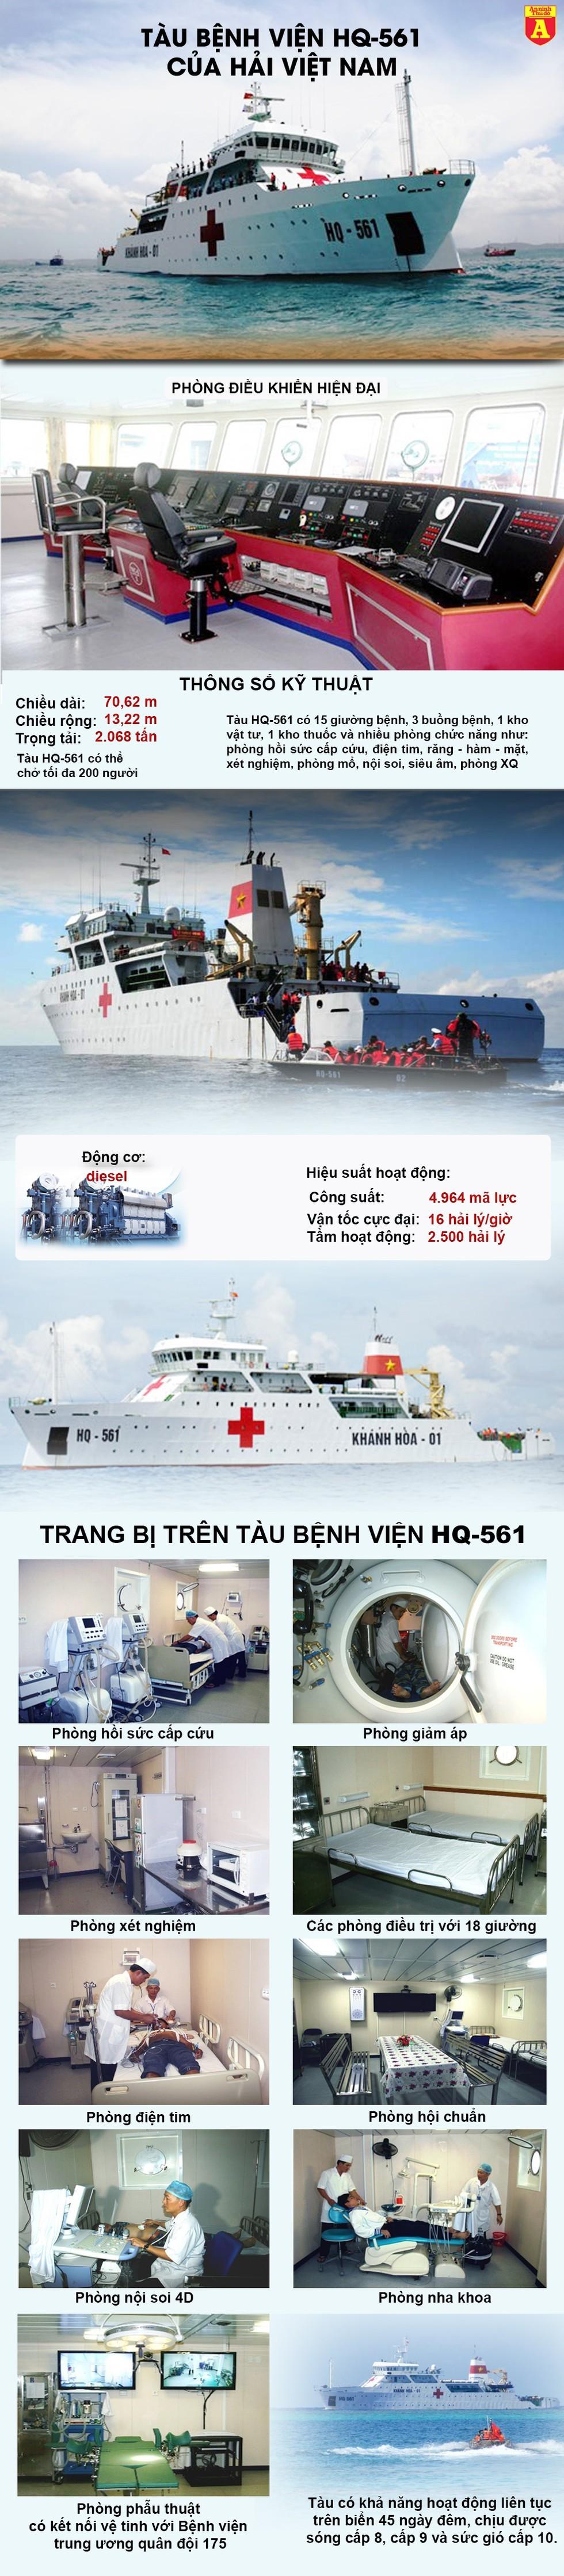 Việt Nam sở hữu tàu bệnh viện hiện đại nhất Đông Nam Á